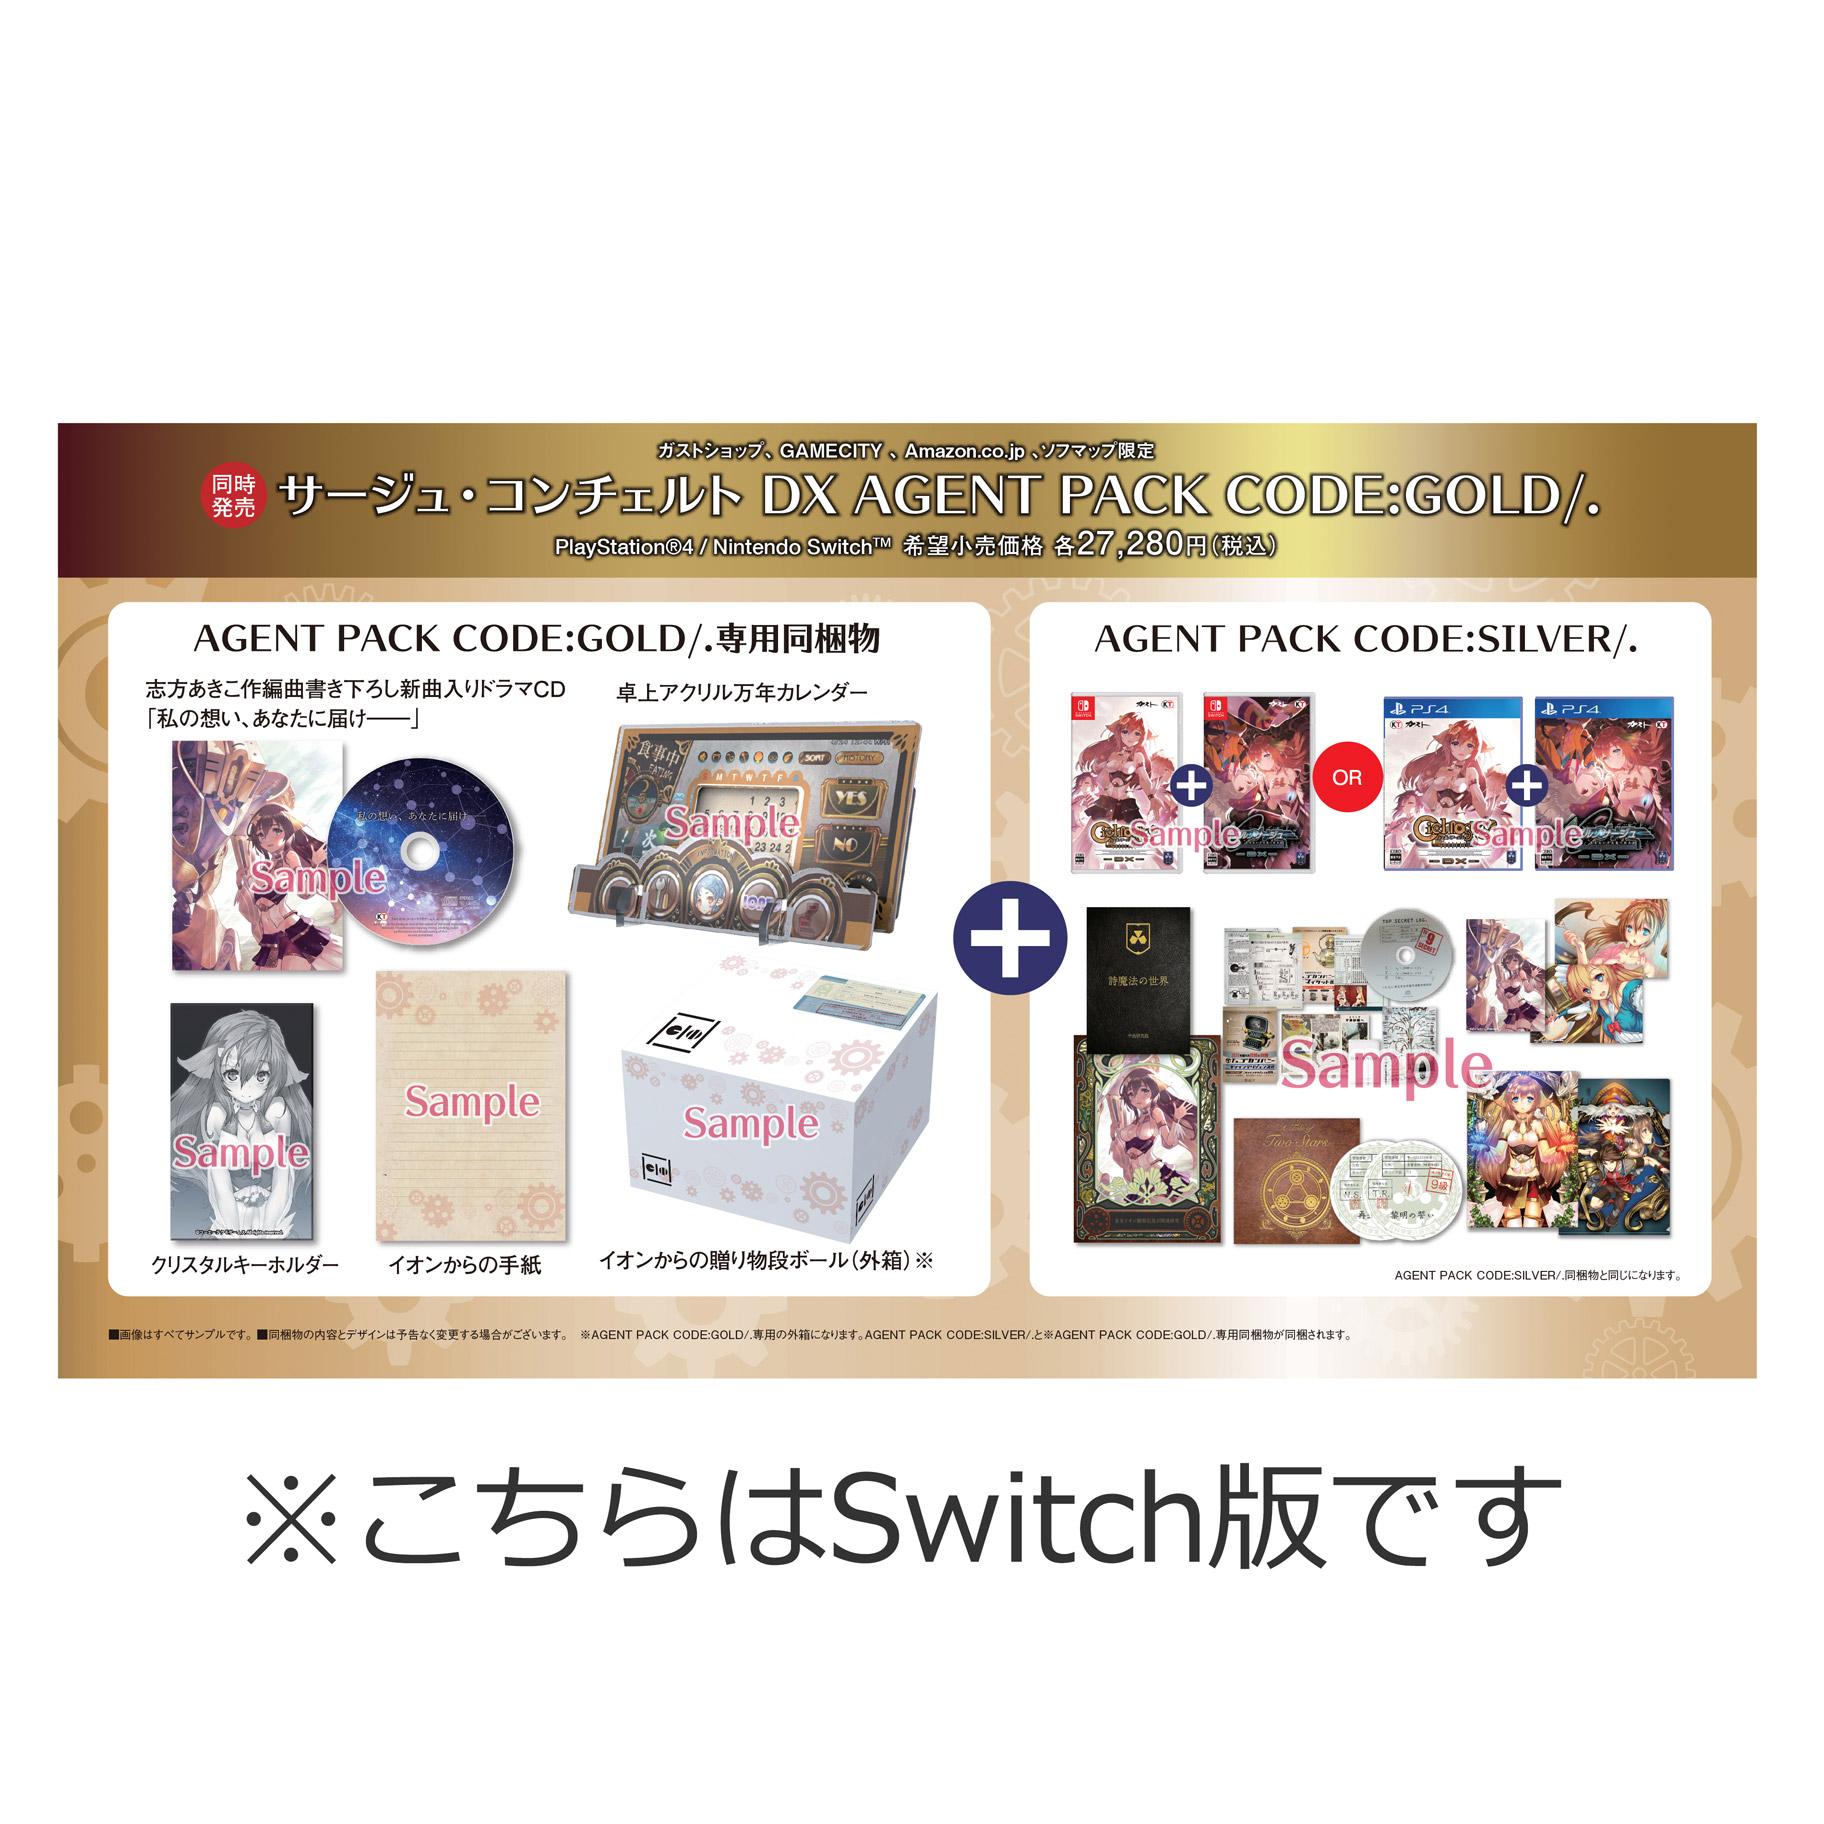 サージュ・コンチェルトDX AGENT PACK CODE:GOLD/. ソフマップ版 【Switchゲームソフト】